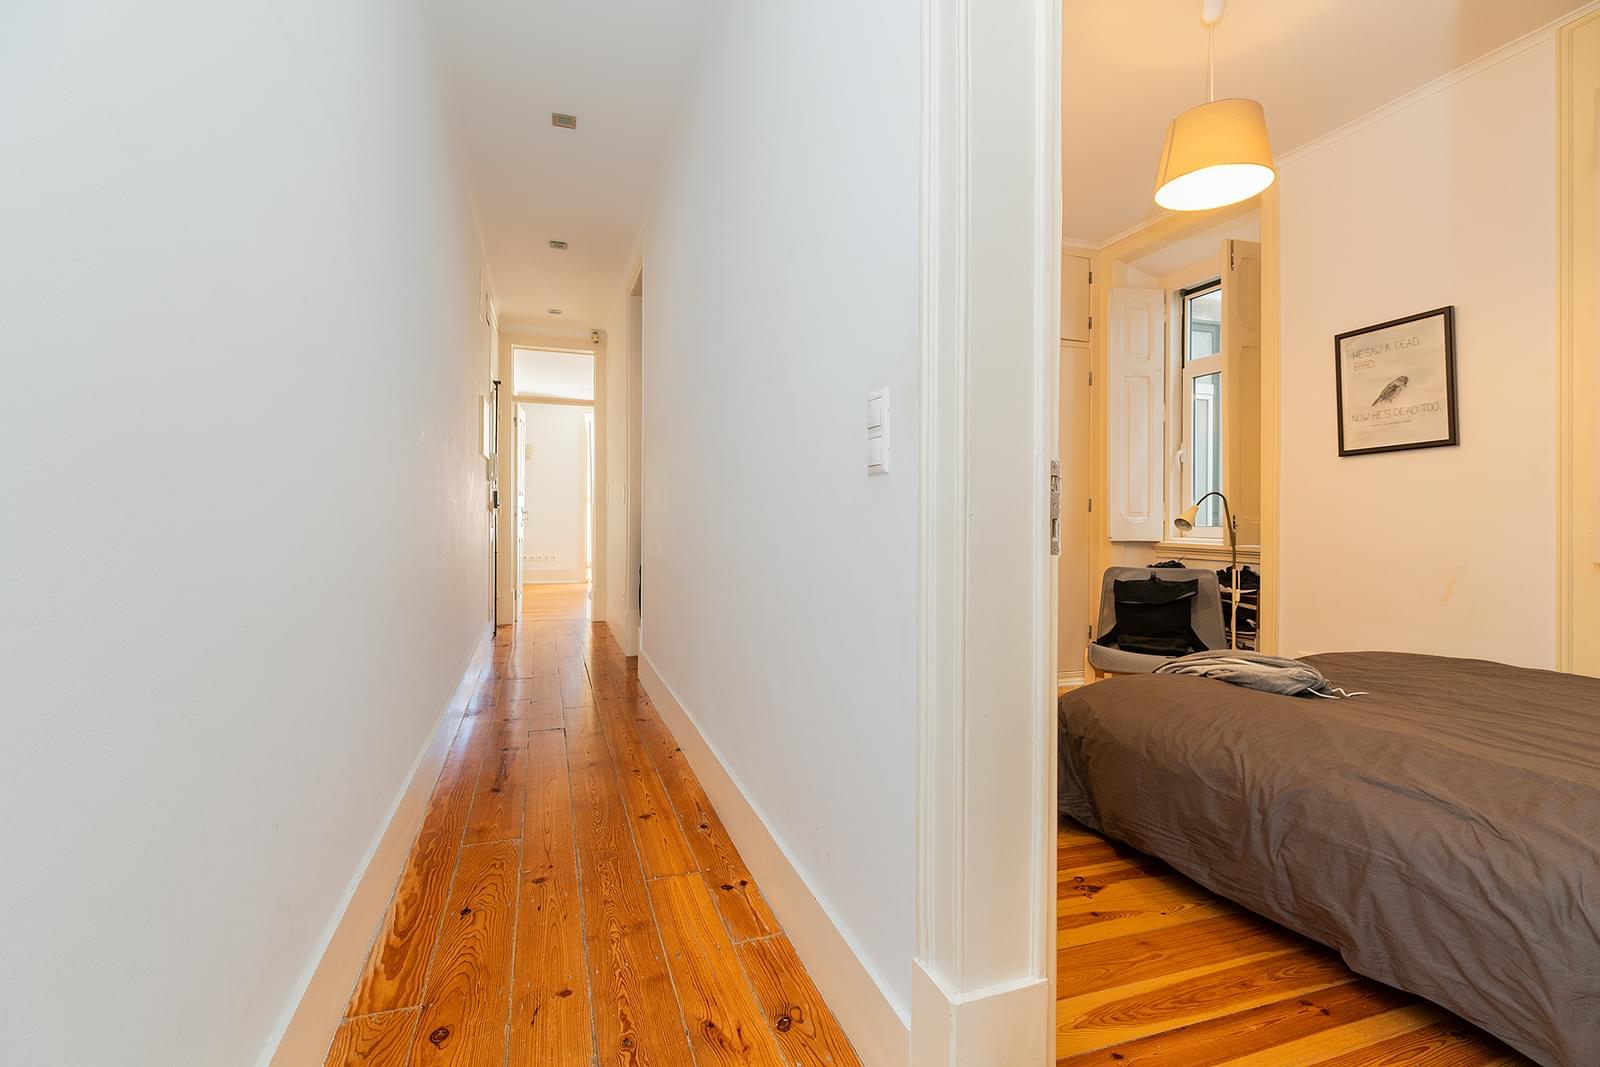 pf18211-apartamento-t2-1-lisboa-aa2405c0-8ae5-446b-878a-230d42a7da20